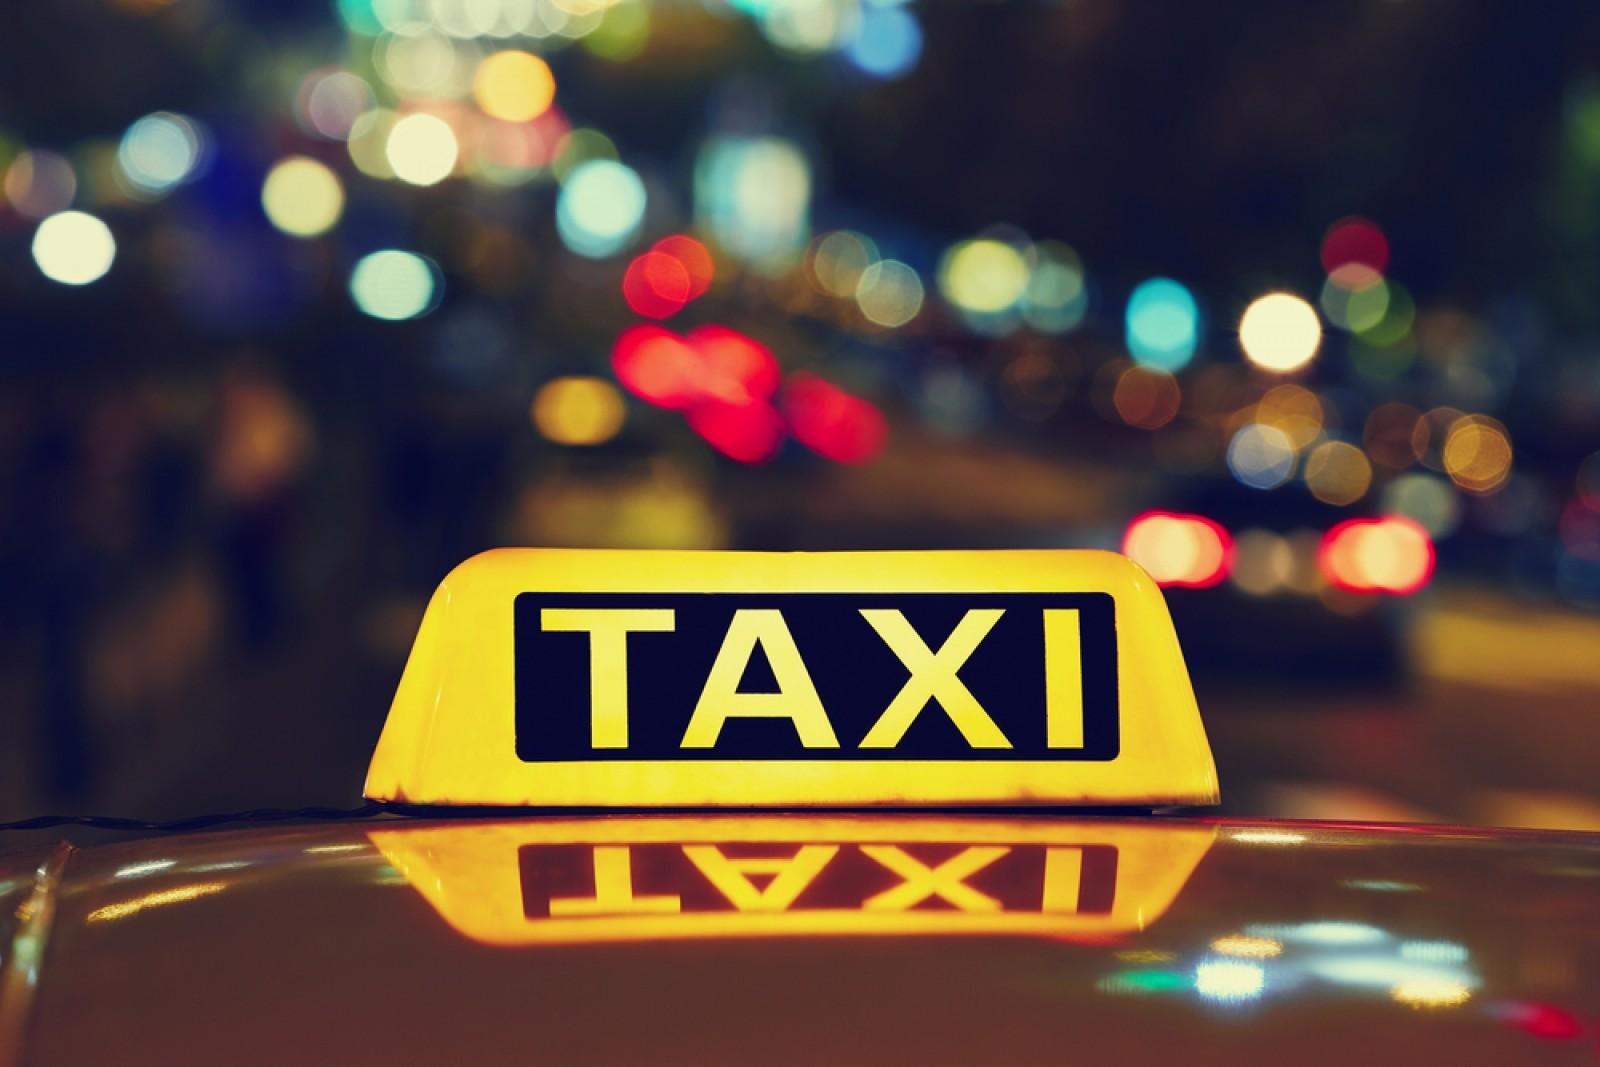 Au urcat în mașină și au legat taximetristul cu o funie de gât: Clipele de coșmar prin care a trecut un bărbat din Ialoveni